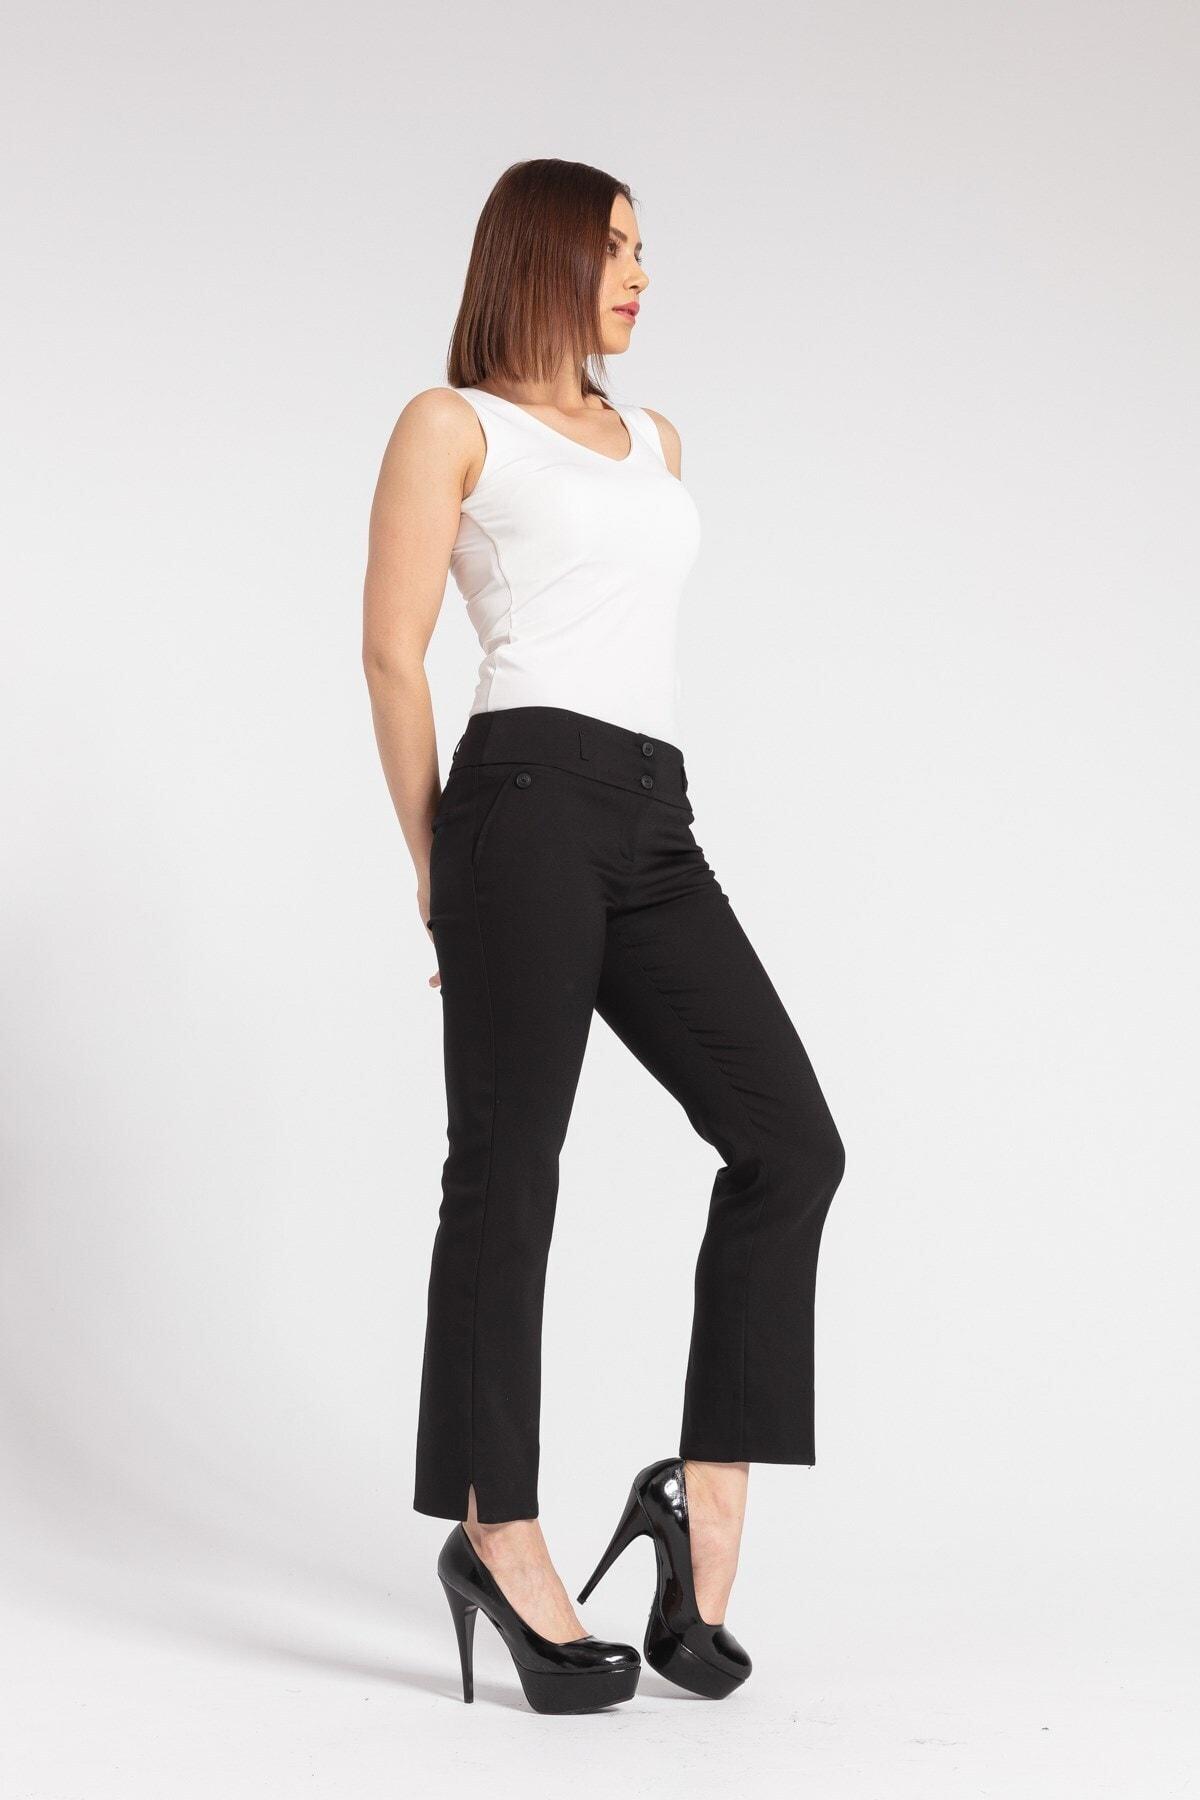 Kadın Siyah Yüksek Bel Yırtmaçlı Paça Pantolon